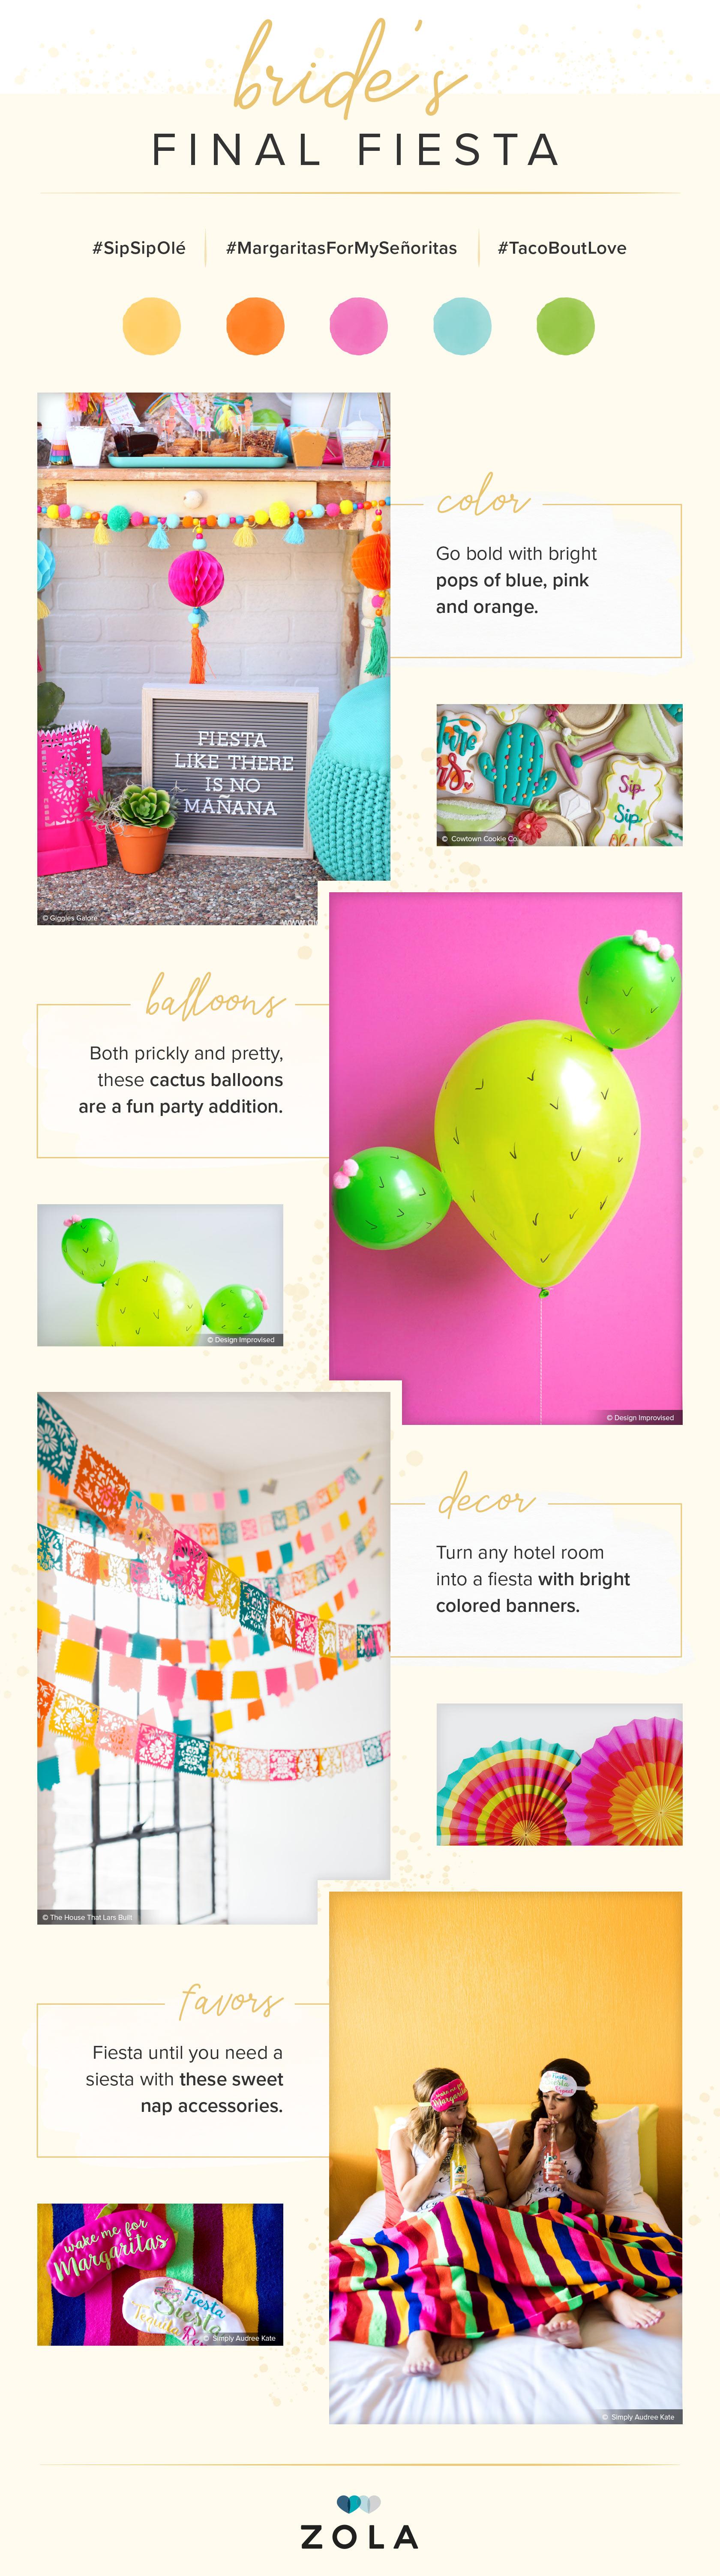 Mexican fiesta bachelorette party ideas.jpg